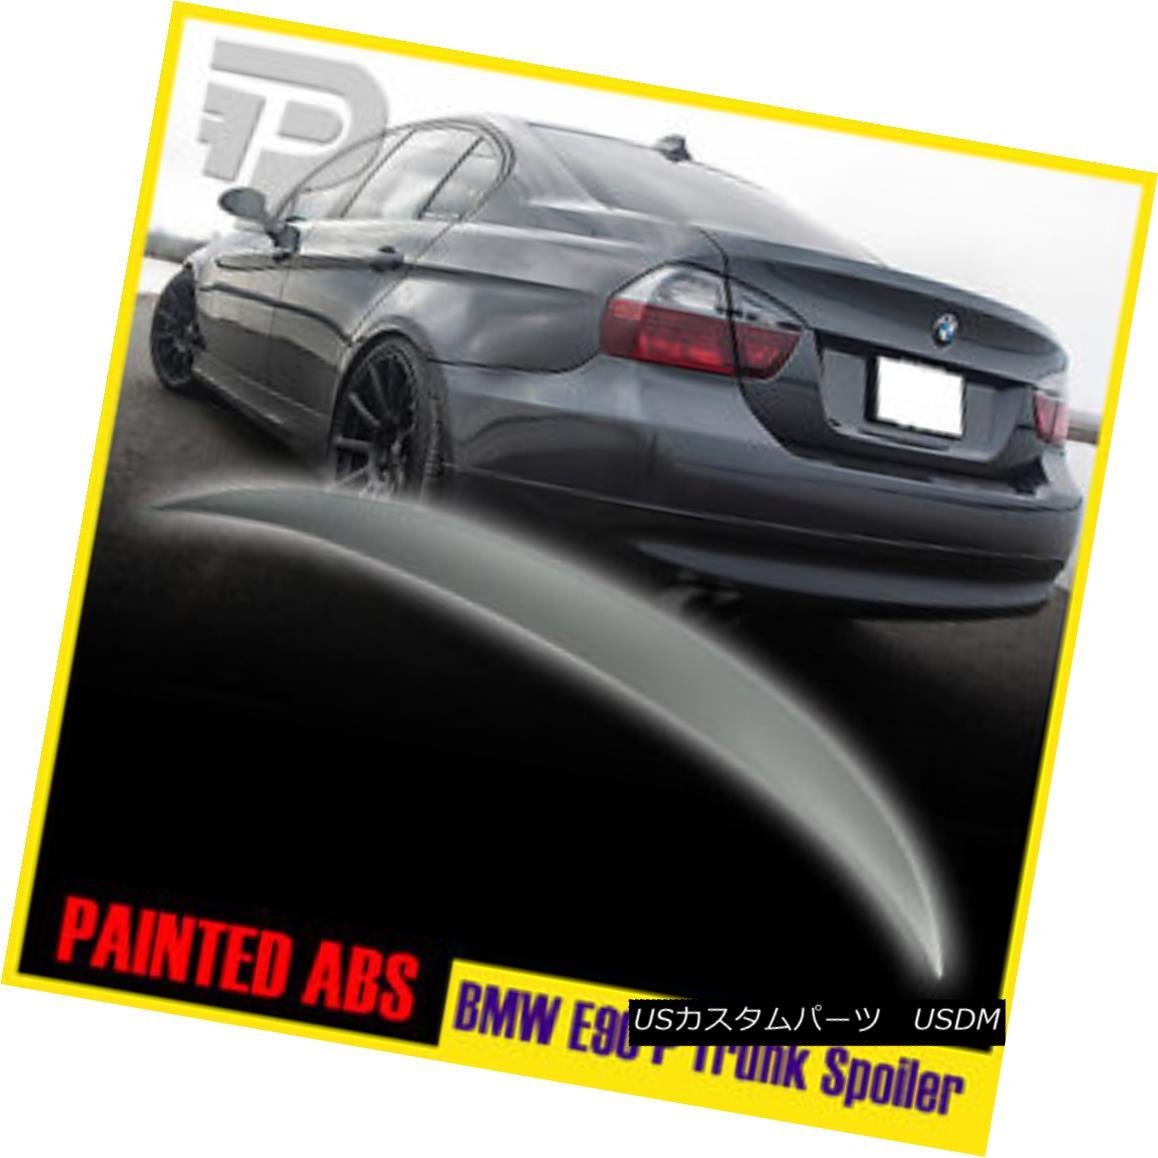 エアロパーツ PAINTED FOR 3-SERIES BMW E90 4DR HIGH KICK PERFORMANCE TYPE REAR TRUNK SPOILER ▼ 3シリーズ用に塗装BMW E90 4DR HIGH KICK PERFORMANCE TYPEリアTRUNK SPOILER?